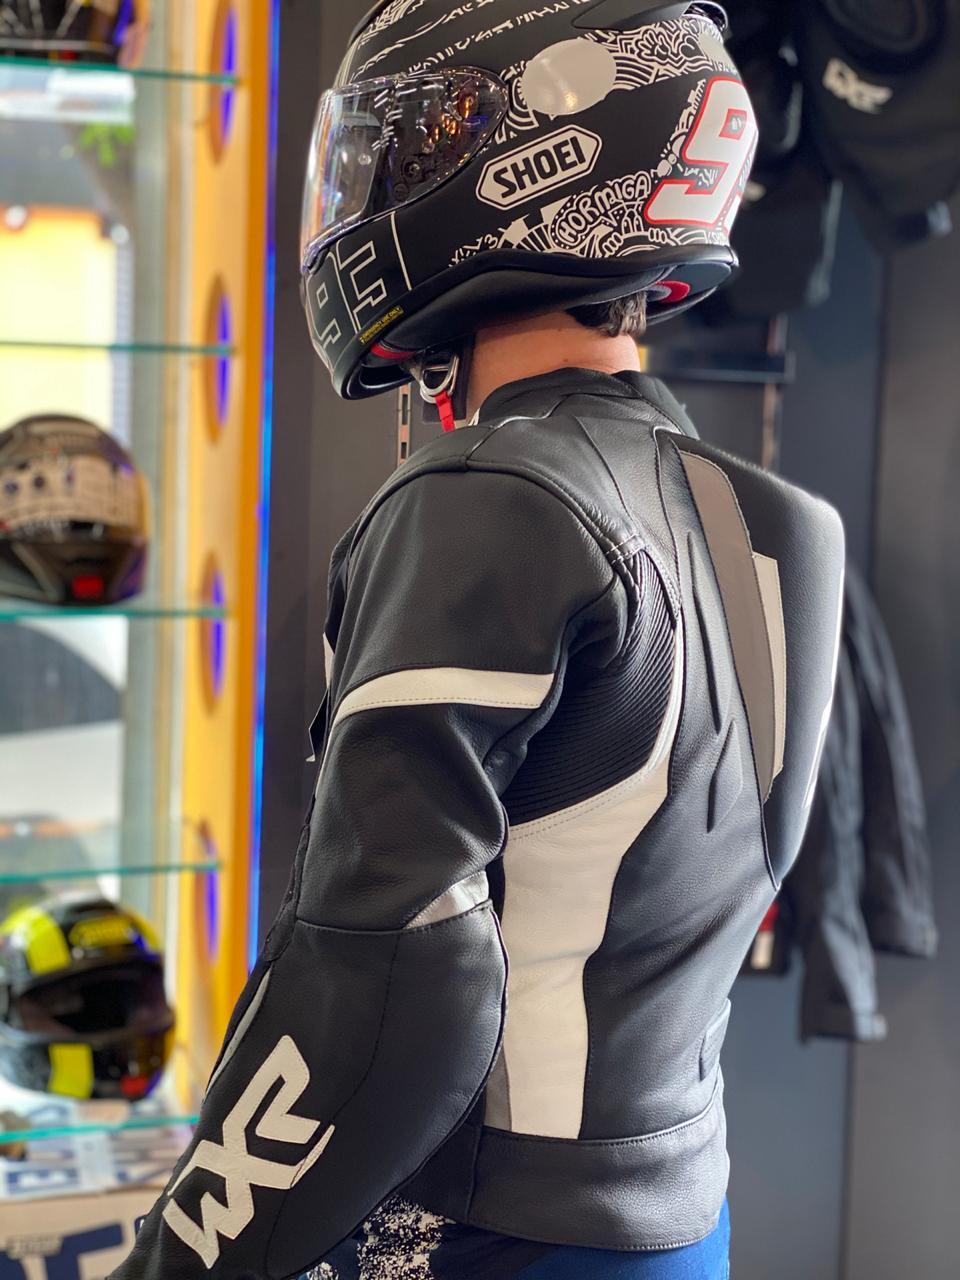 MACACÃO WXR 2 PEÇA PRETO/ BRANCO LANÇAMENTO !  - Motosports